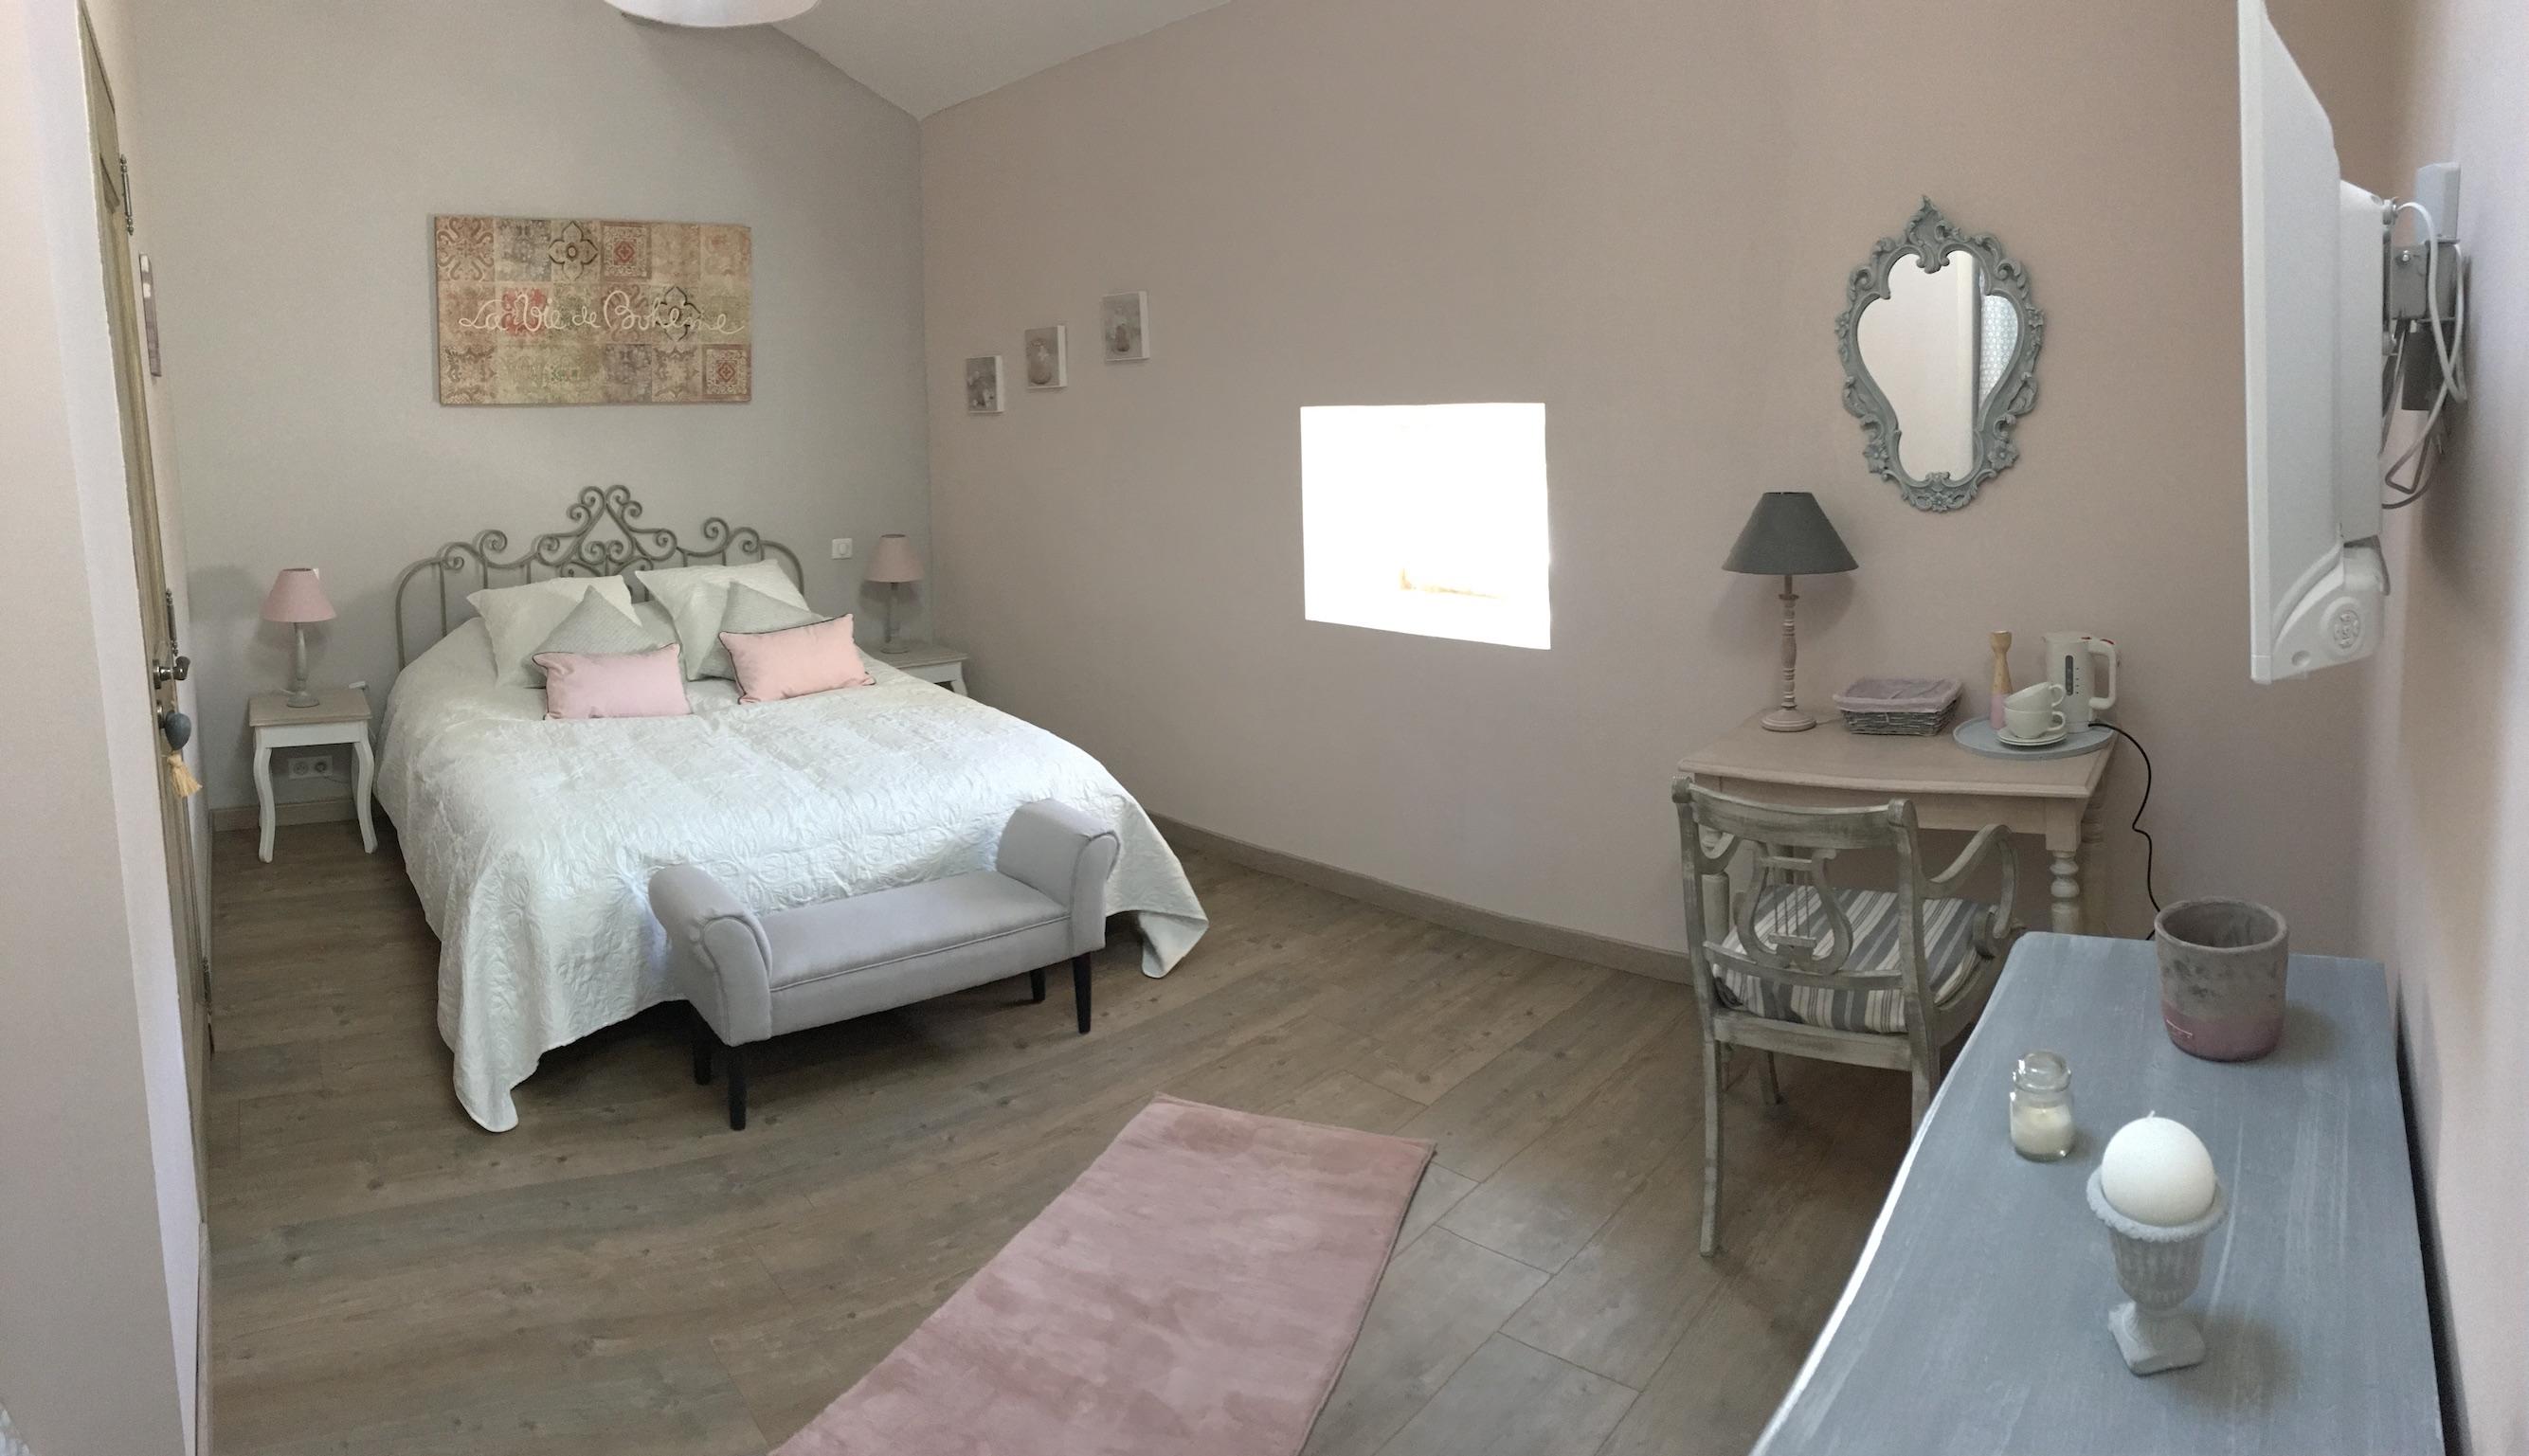 Suite fil de soie - chambre parentale 1 - La Bastide des Songes - Chambres d hotes Luberon - Vaucluse - Robion - Gordes - Cavaillon